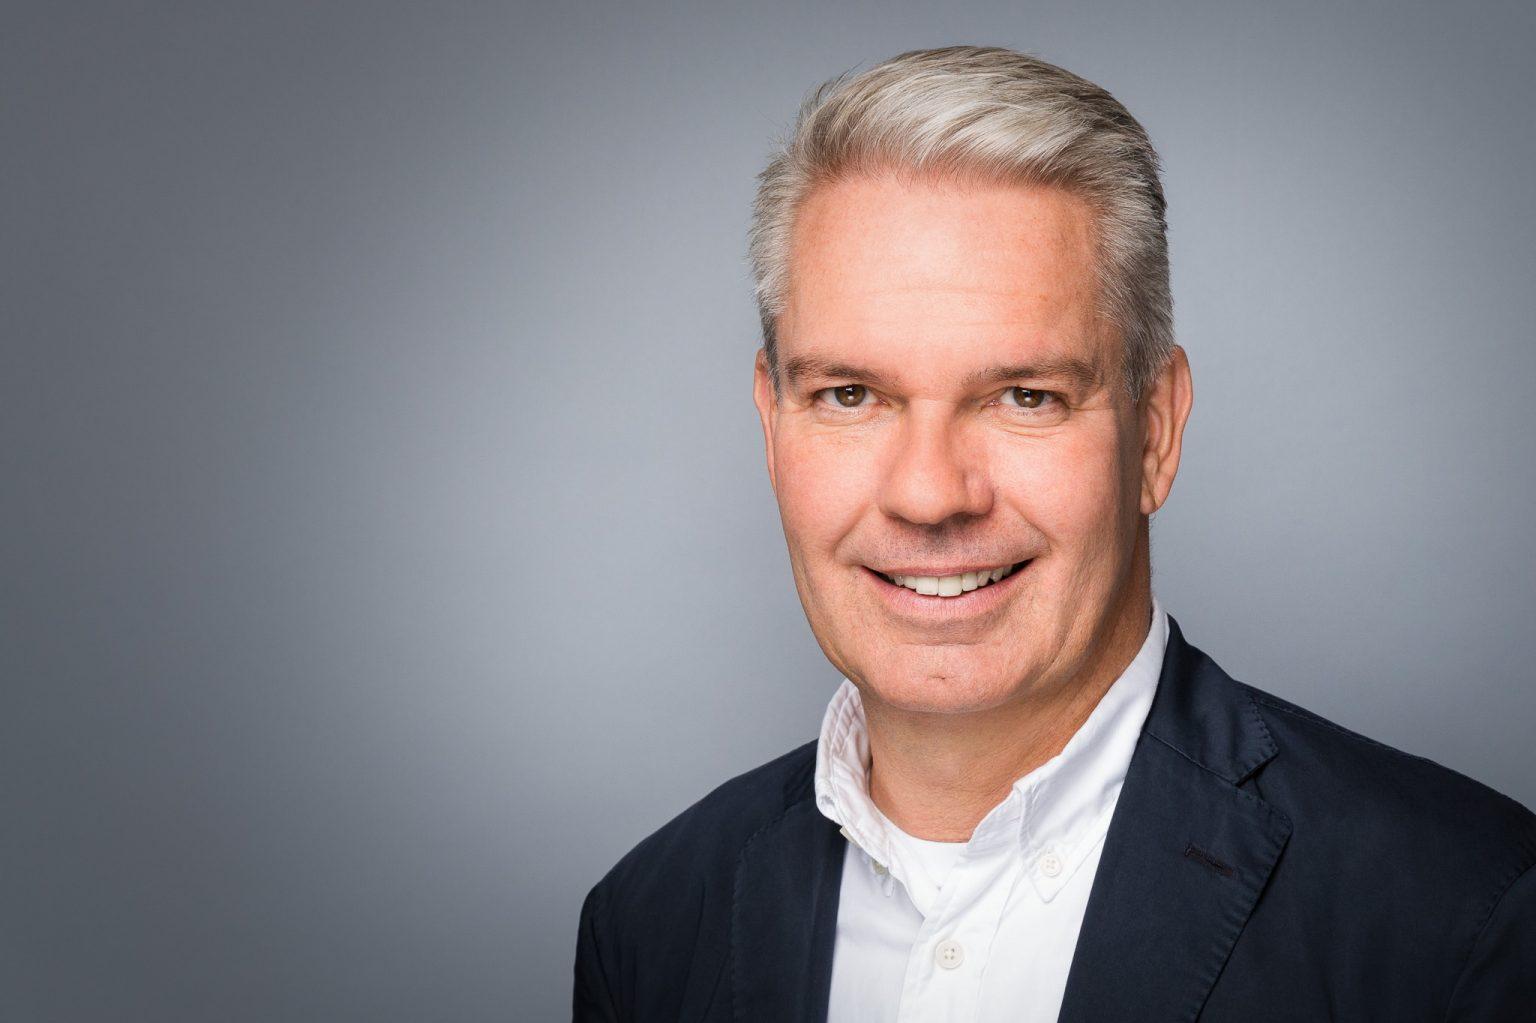 Hendrik Gottschlich Nt